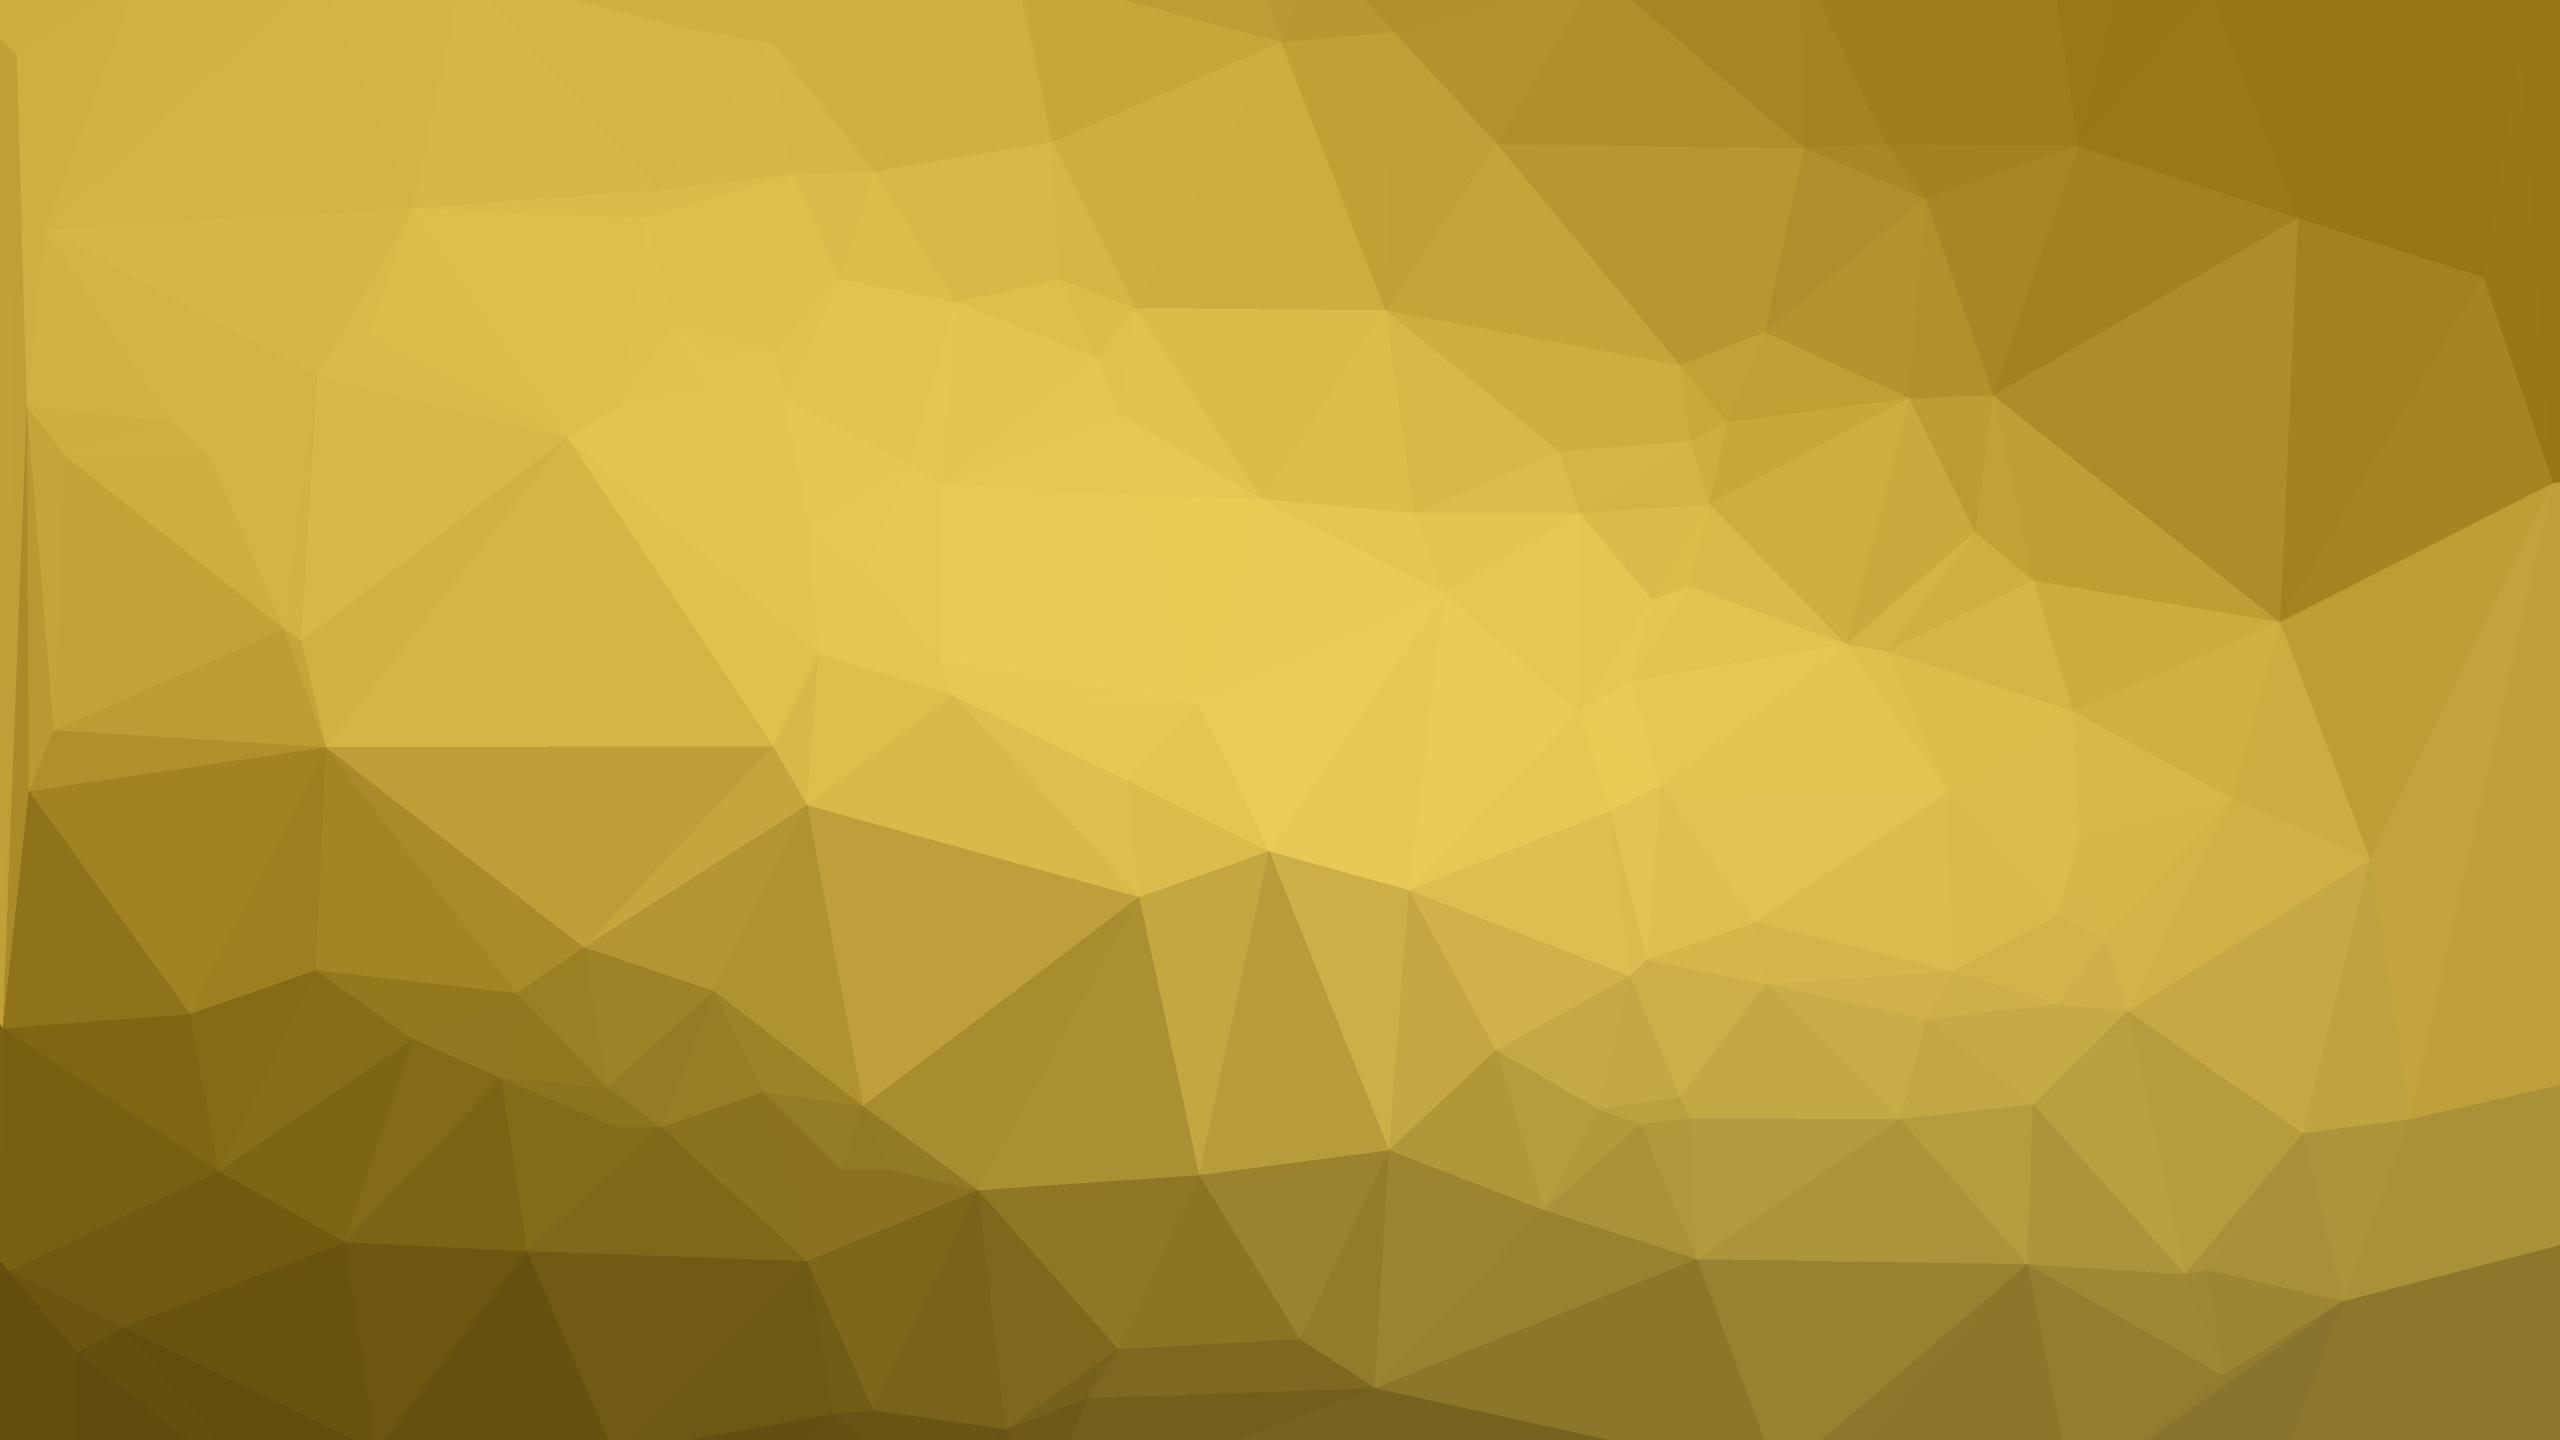 Res: 2560x1440, Geometric iPhone Wallpaper WallpaperSafari